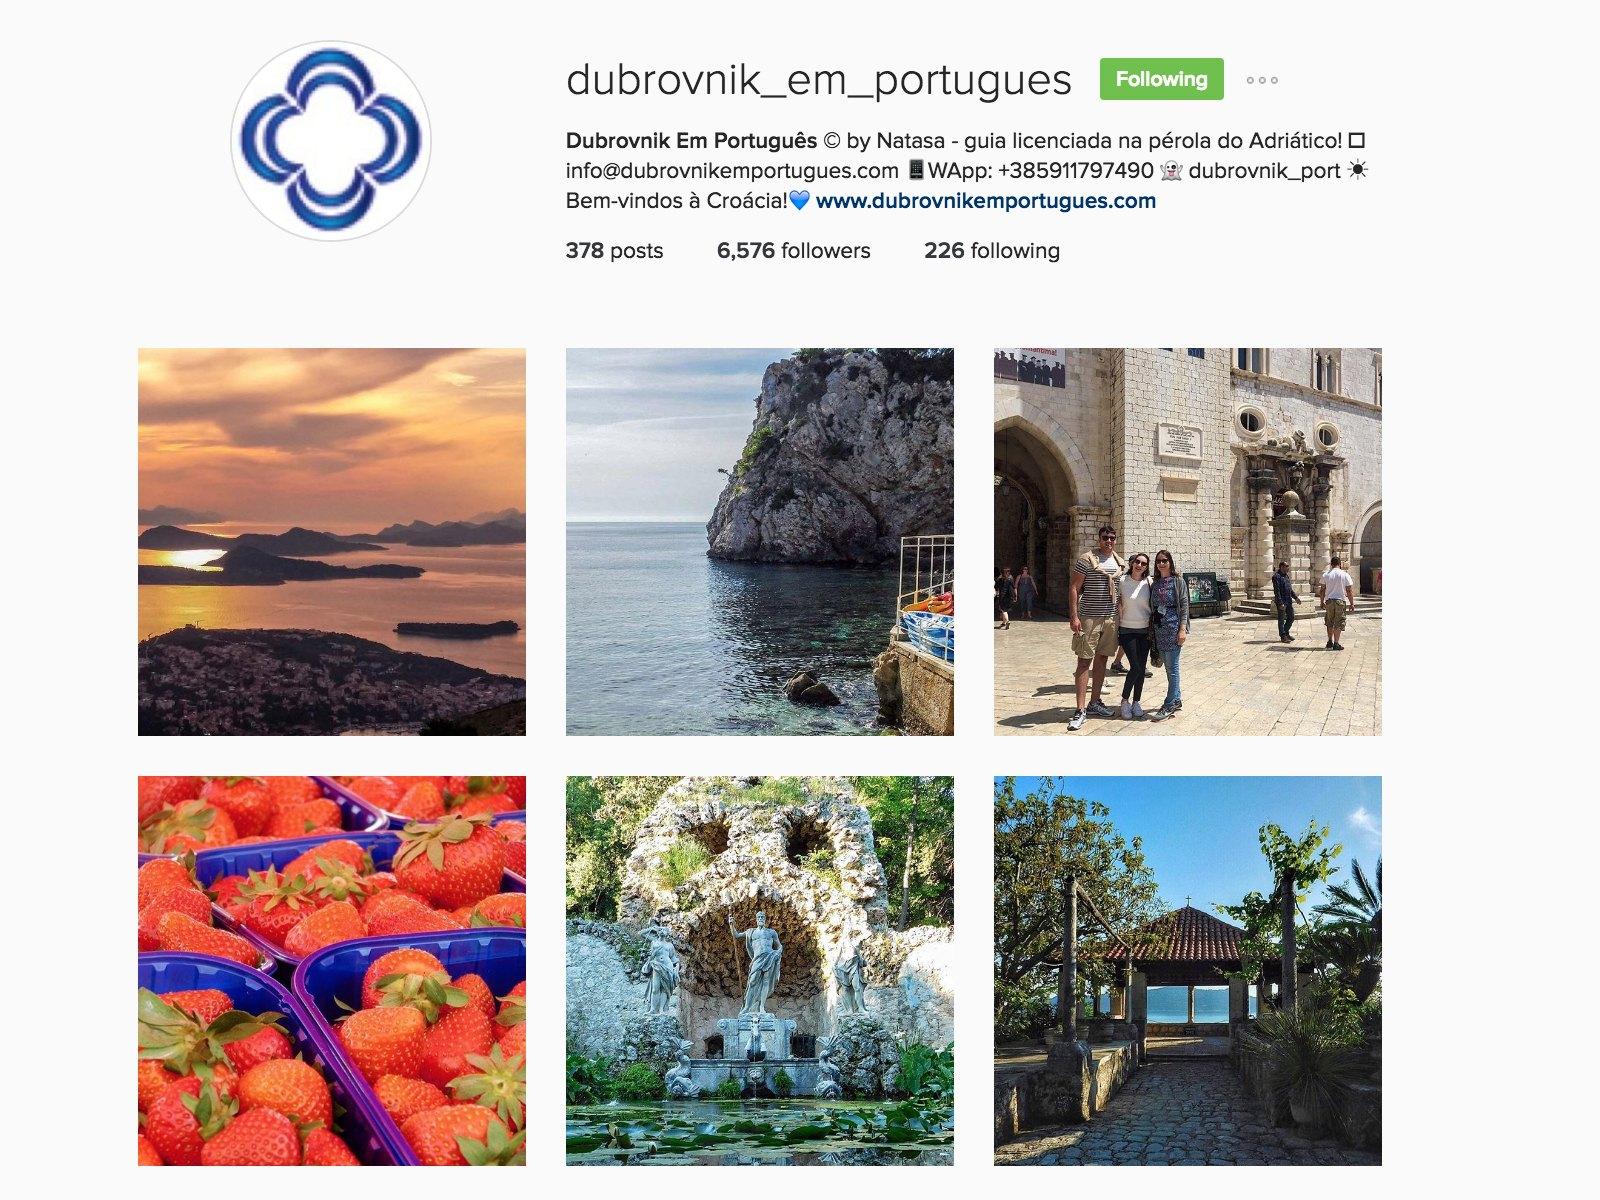 em portuges dubrovnik instagram